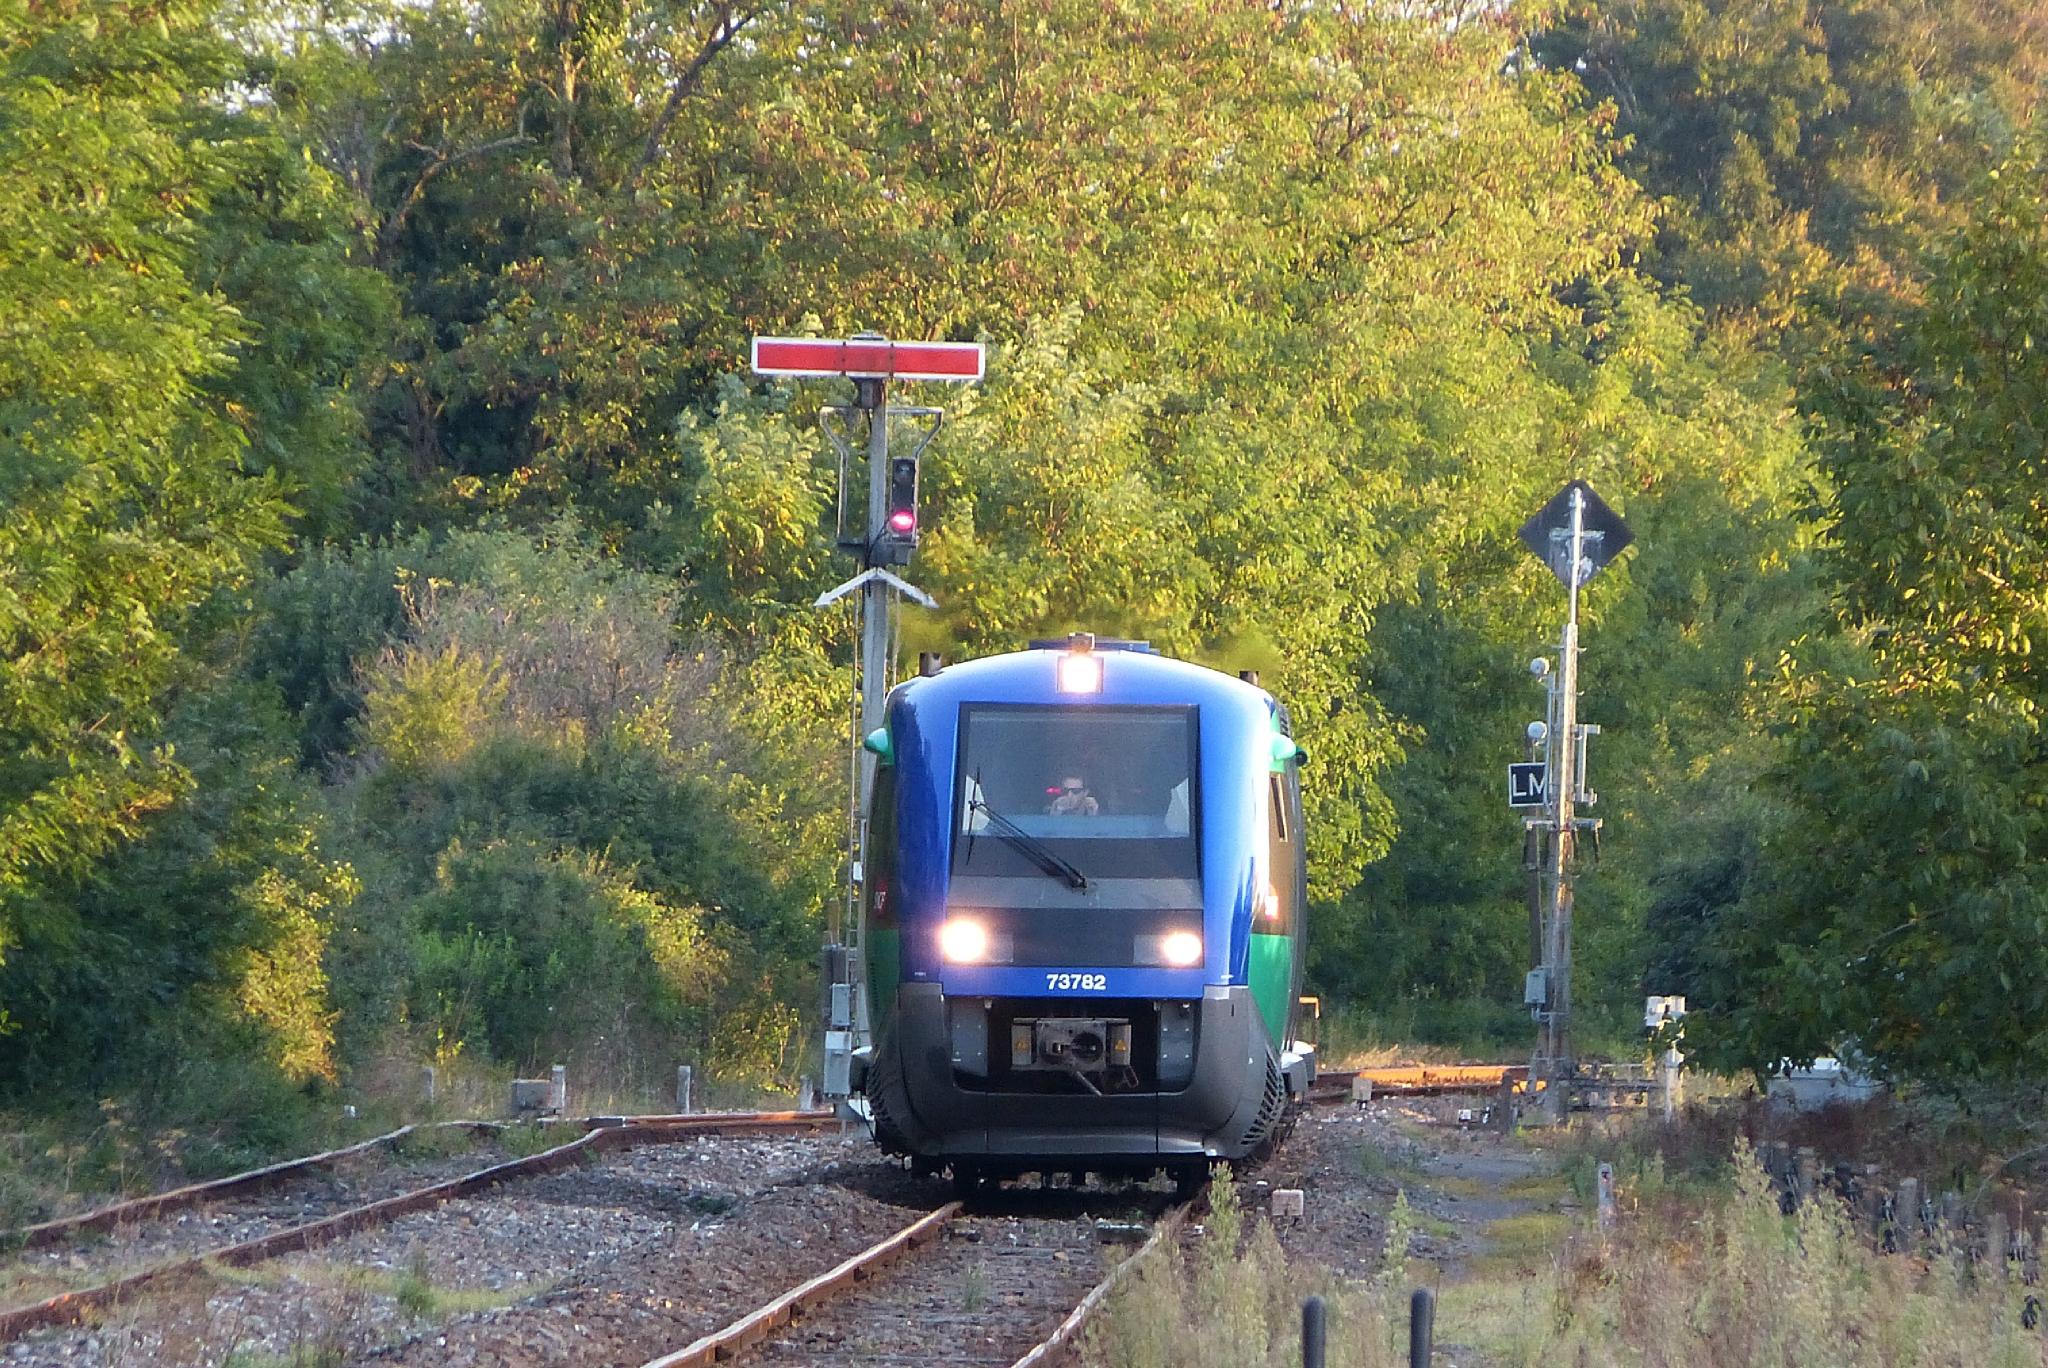 Une possible ouverture totale de la Ligne ferroviaire Limoges-Angoulême à l'horizon 2026.